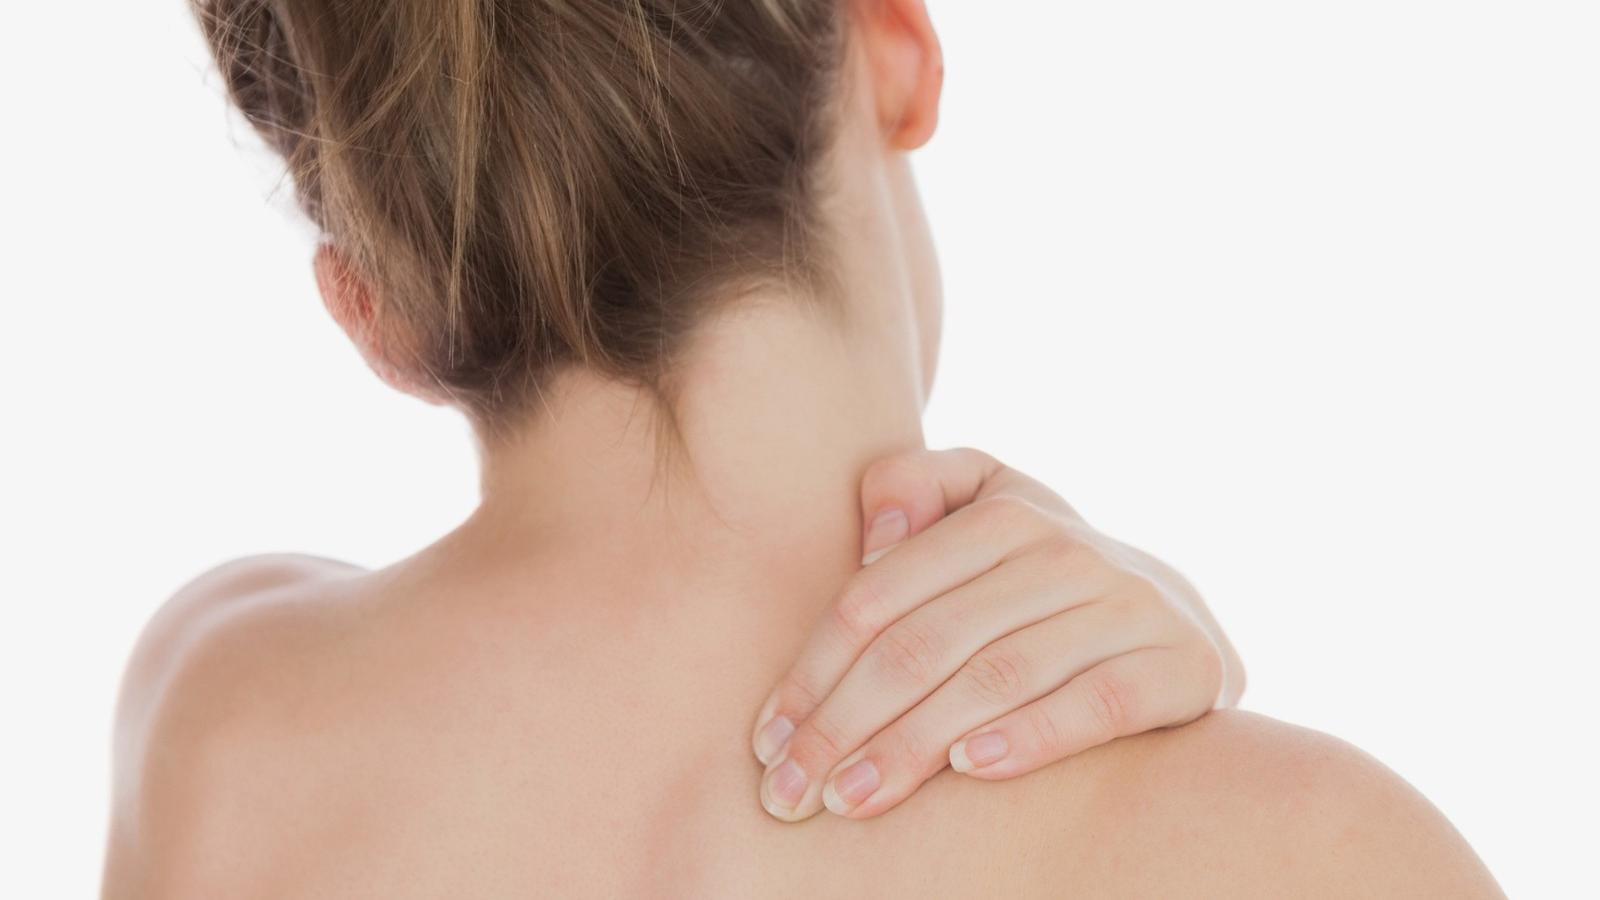 fájdalom a váll bal ízületében, mint hogy kezeljék fermatron artrózisos kezelése